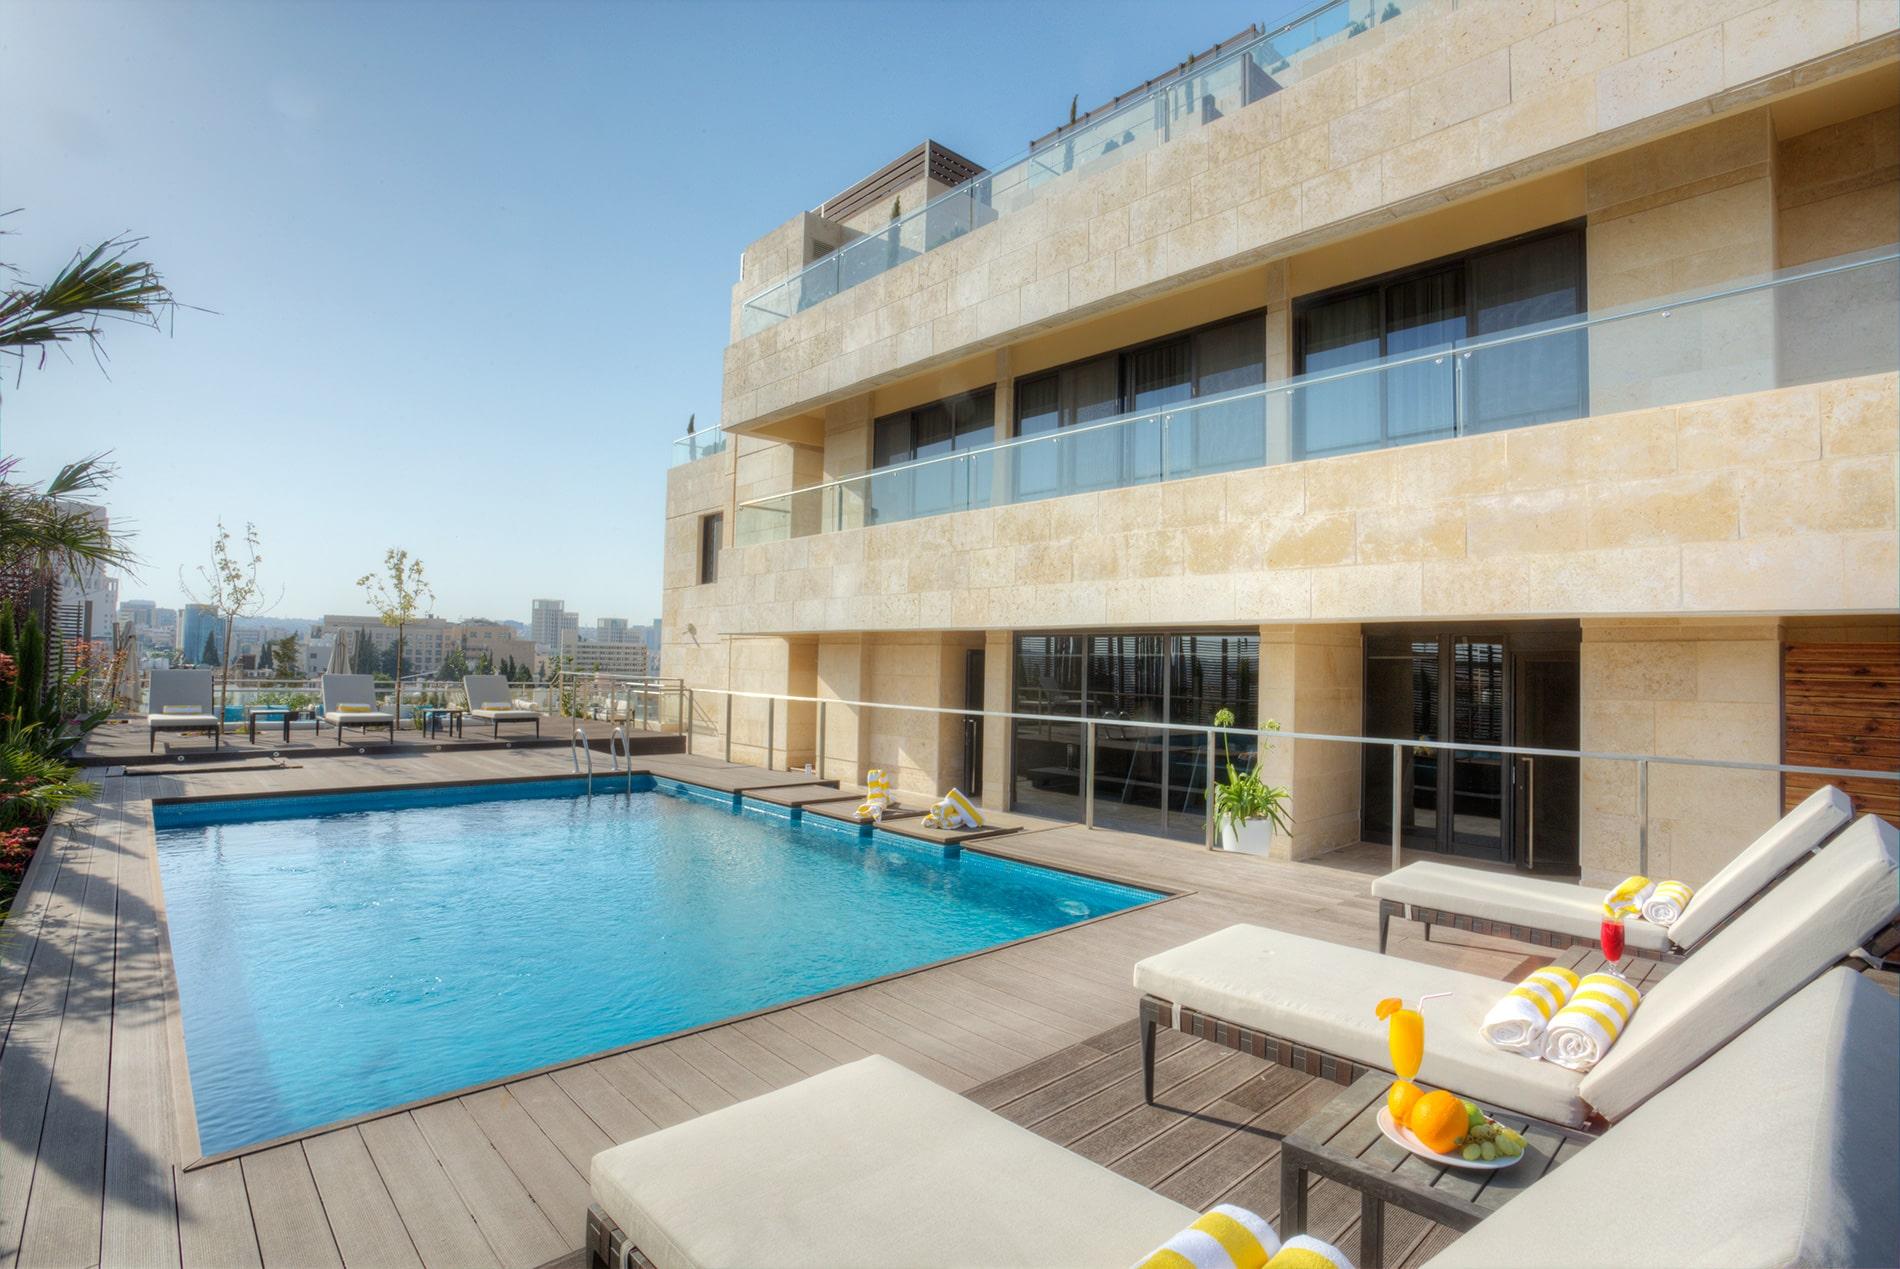 unitrips-jordanie-the-house-boutique-suites-zwembad-min